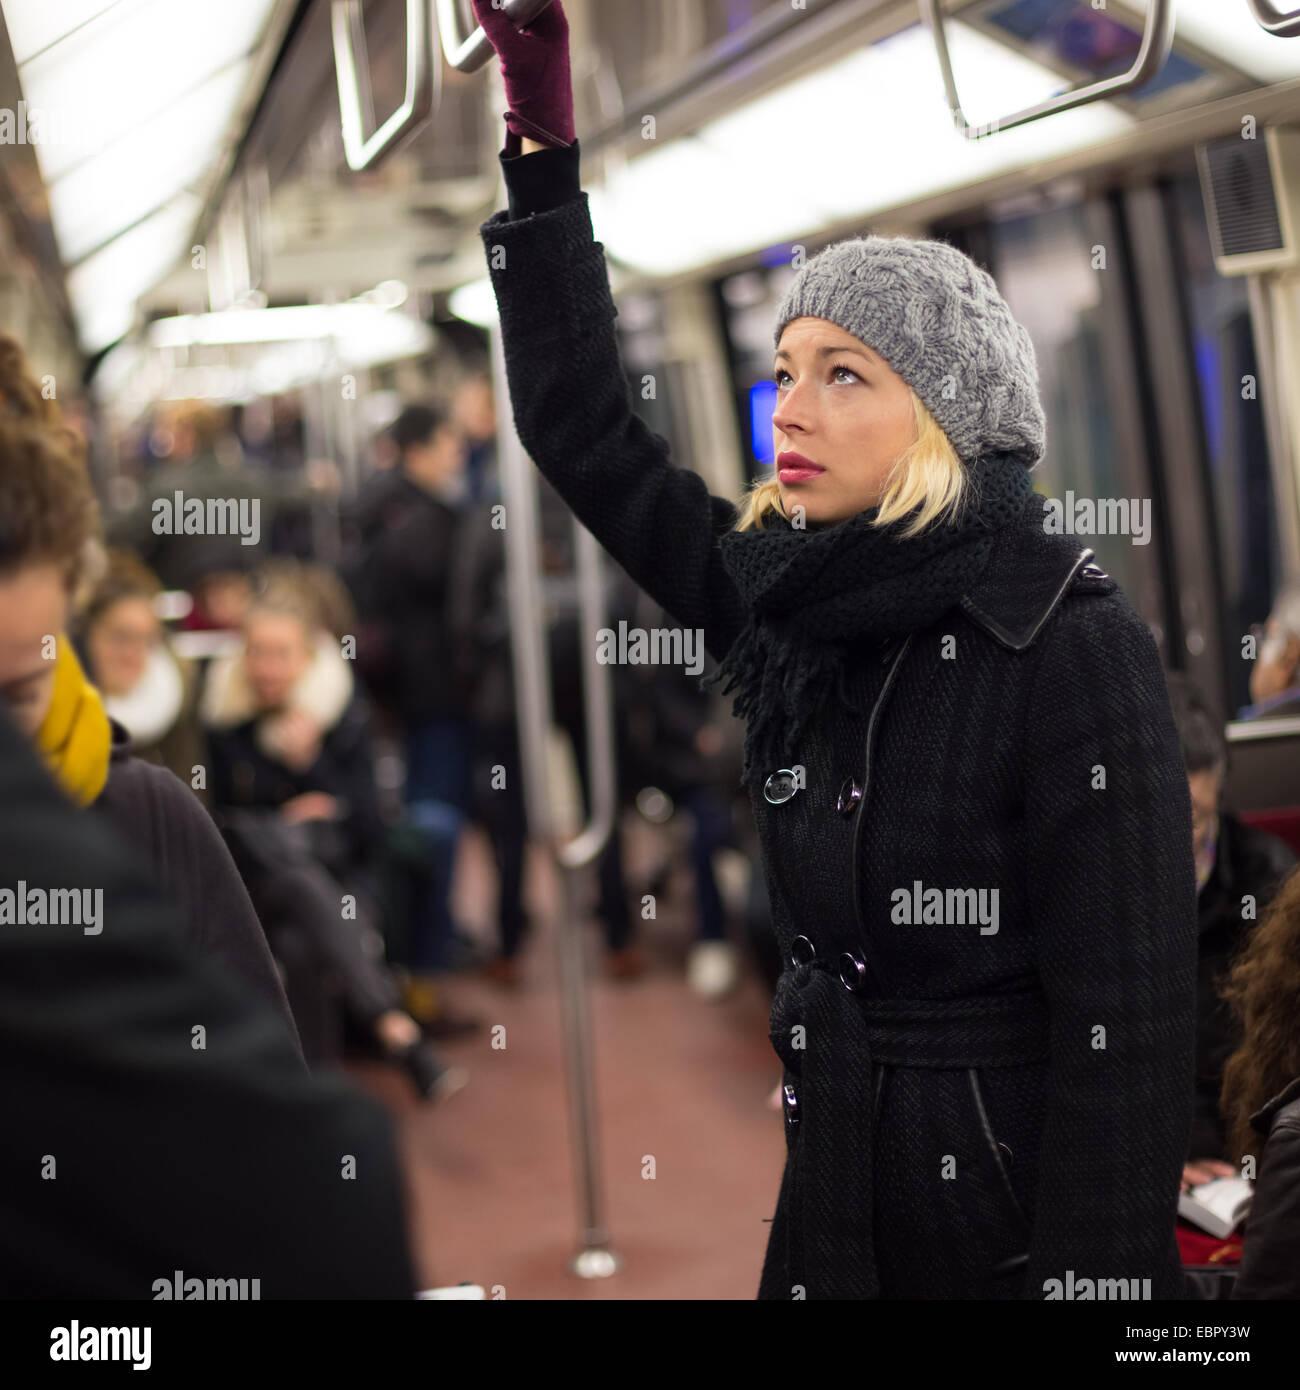 La mujer en el metro. Foto de stock